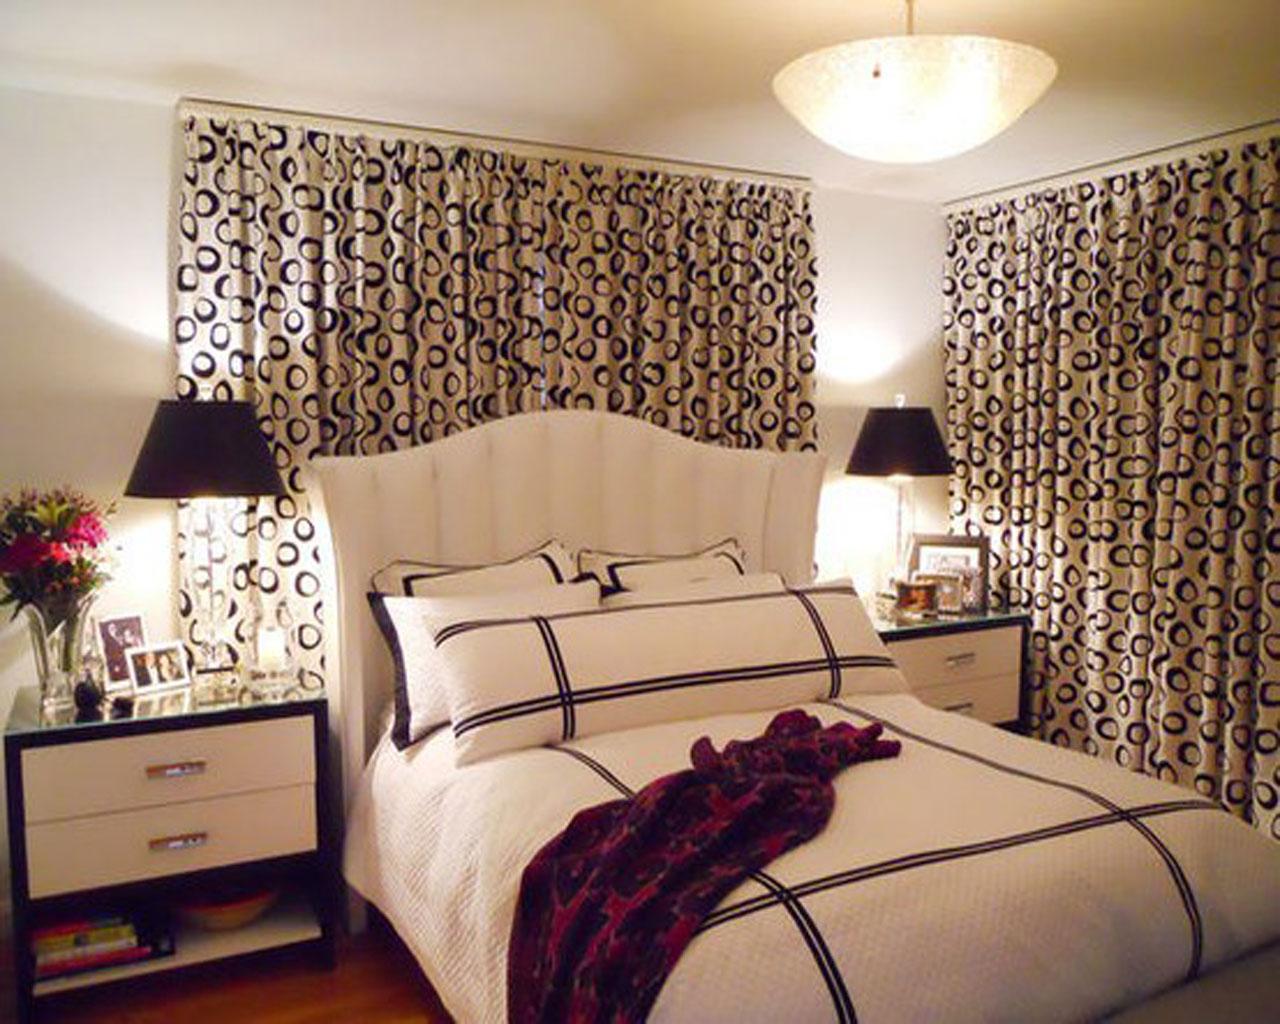 Дизайн спальни если окна на двух стенах